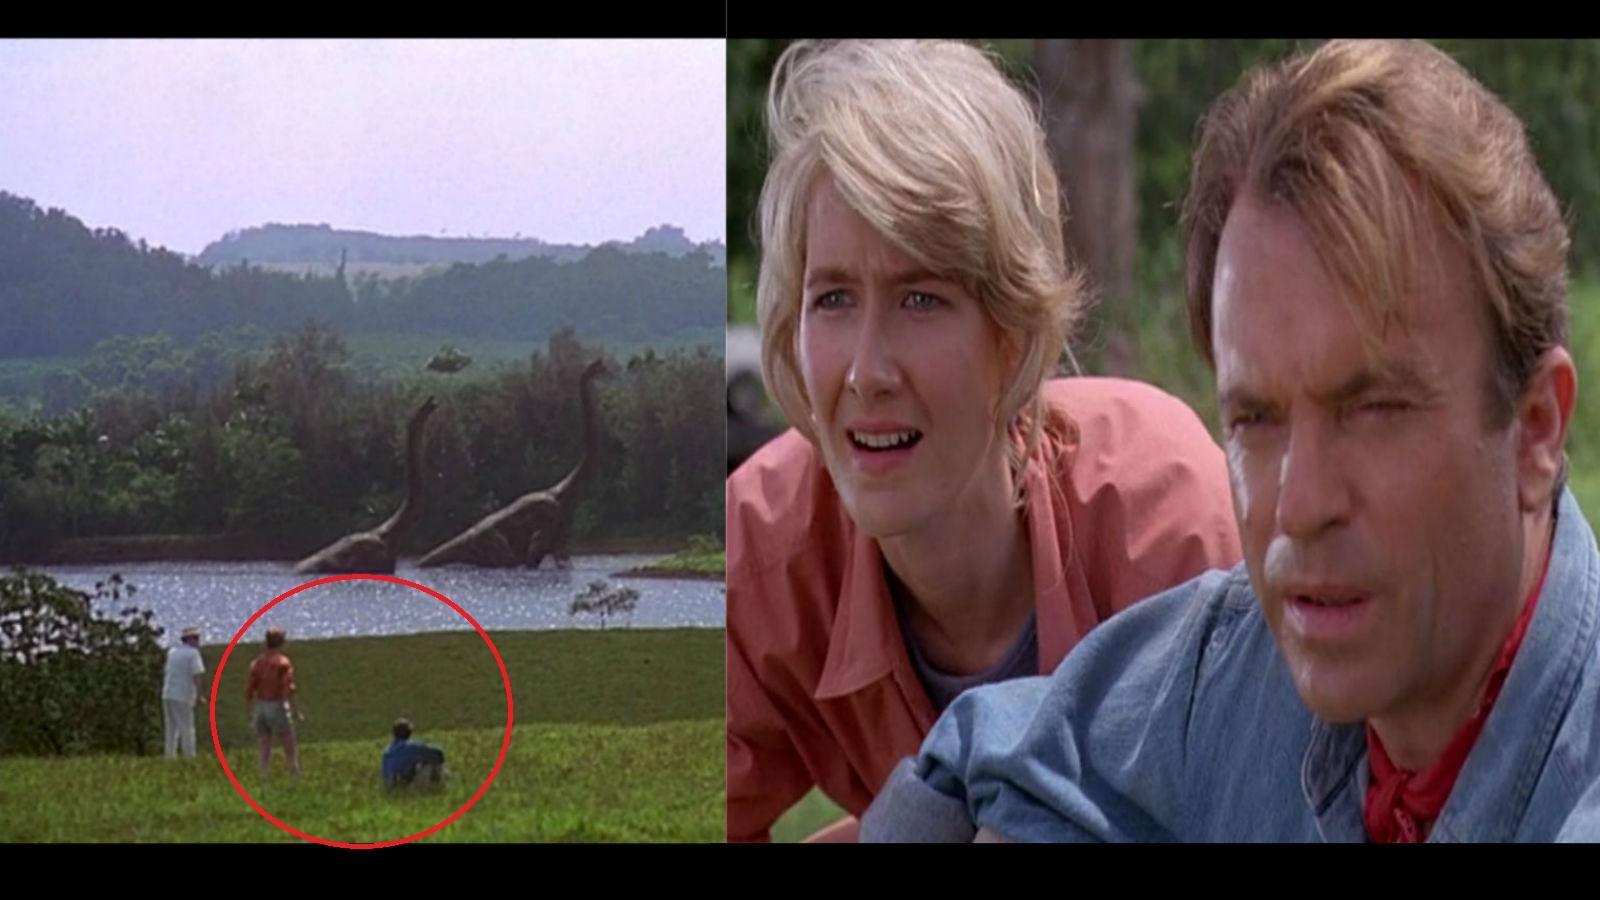 Az első dinós jelenetben Alan egy  tó előtt ül, Ellie pedig pont előtte áll. Vágás. Ellie teleportált, mert most már hátulról érkezik, és Alan vállára teszi a kezét... (Universal Pictures)